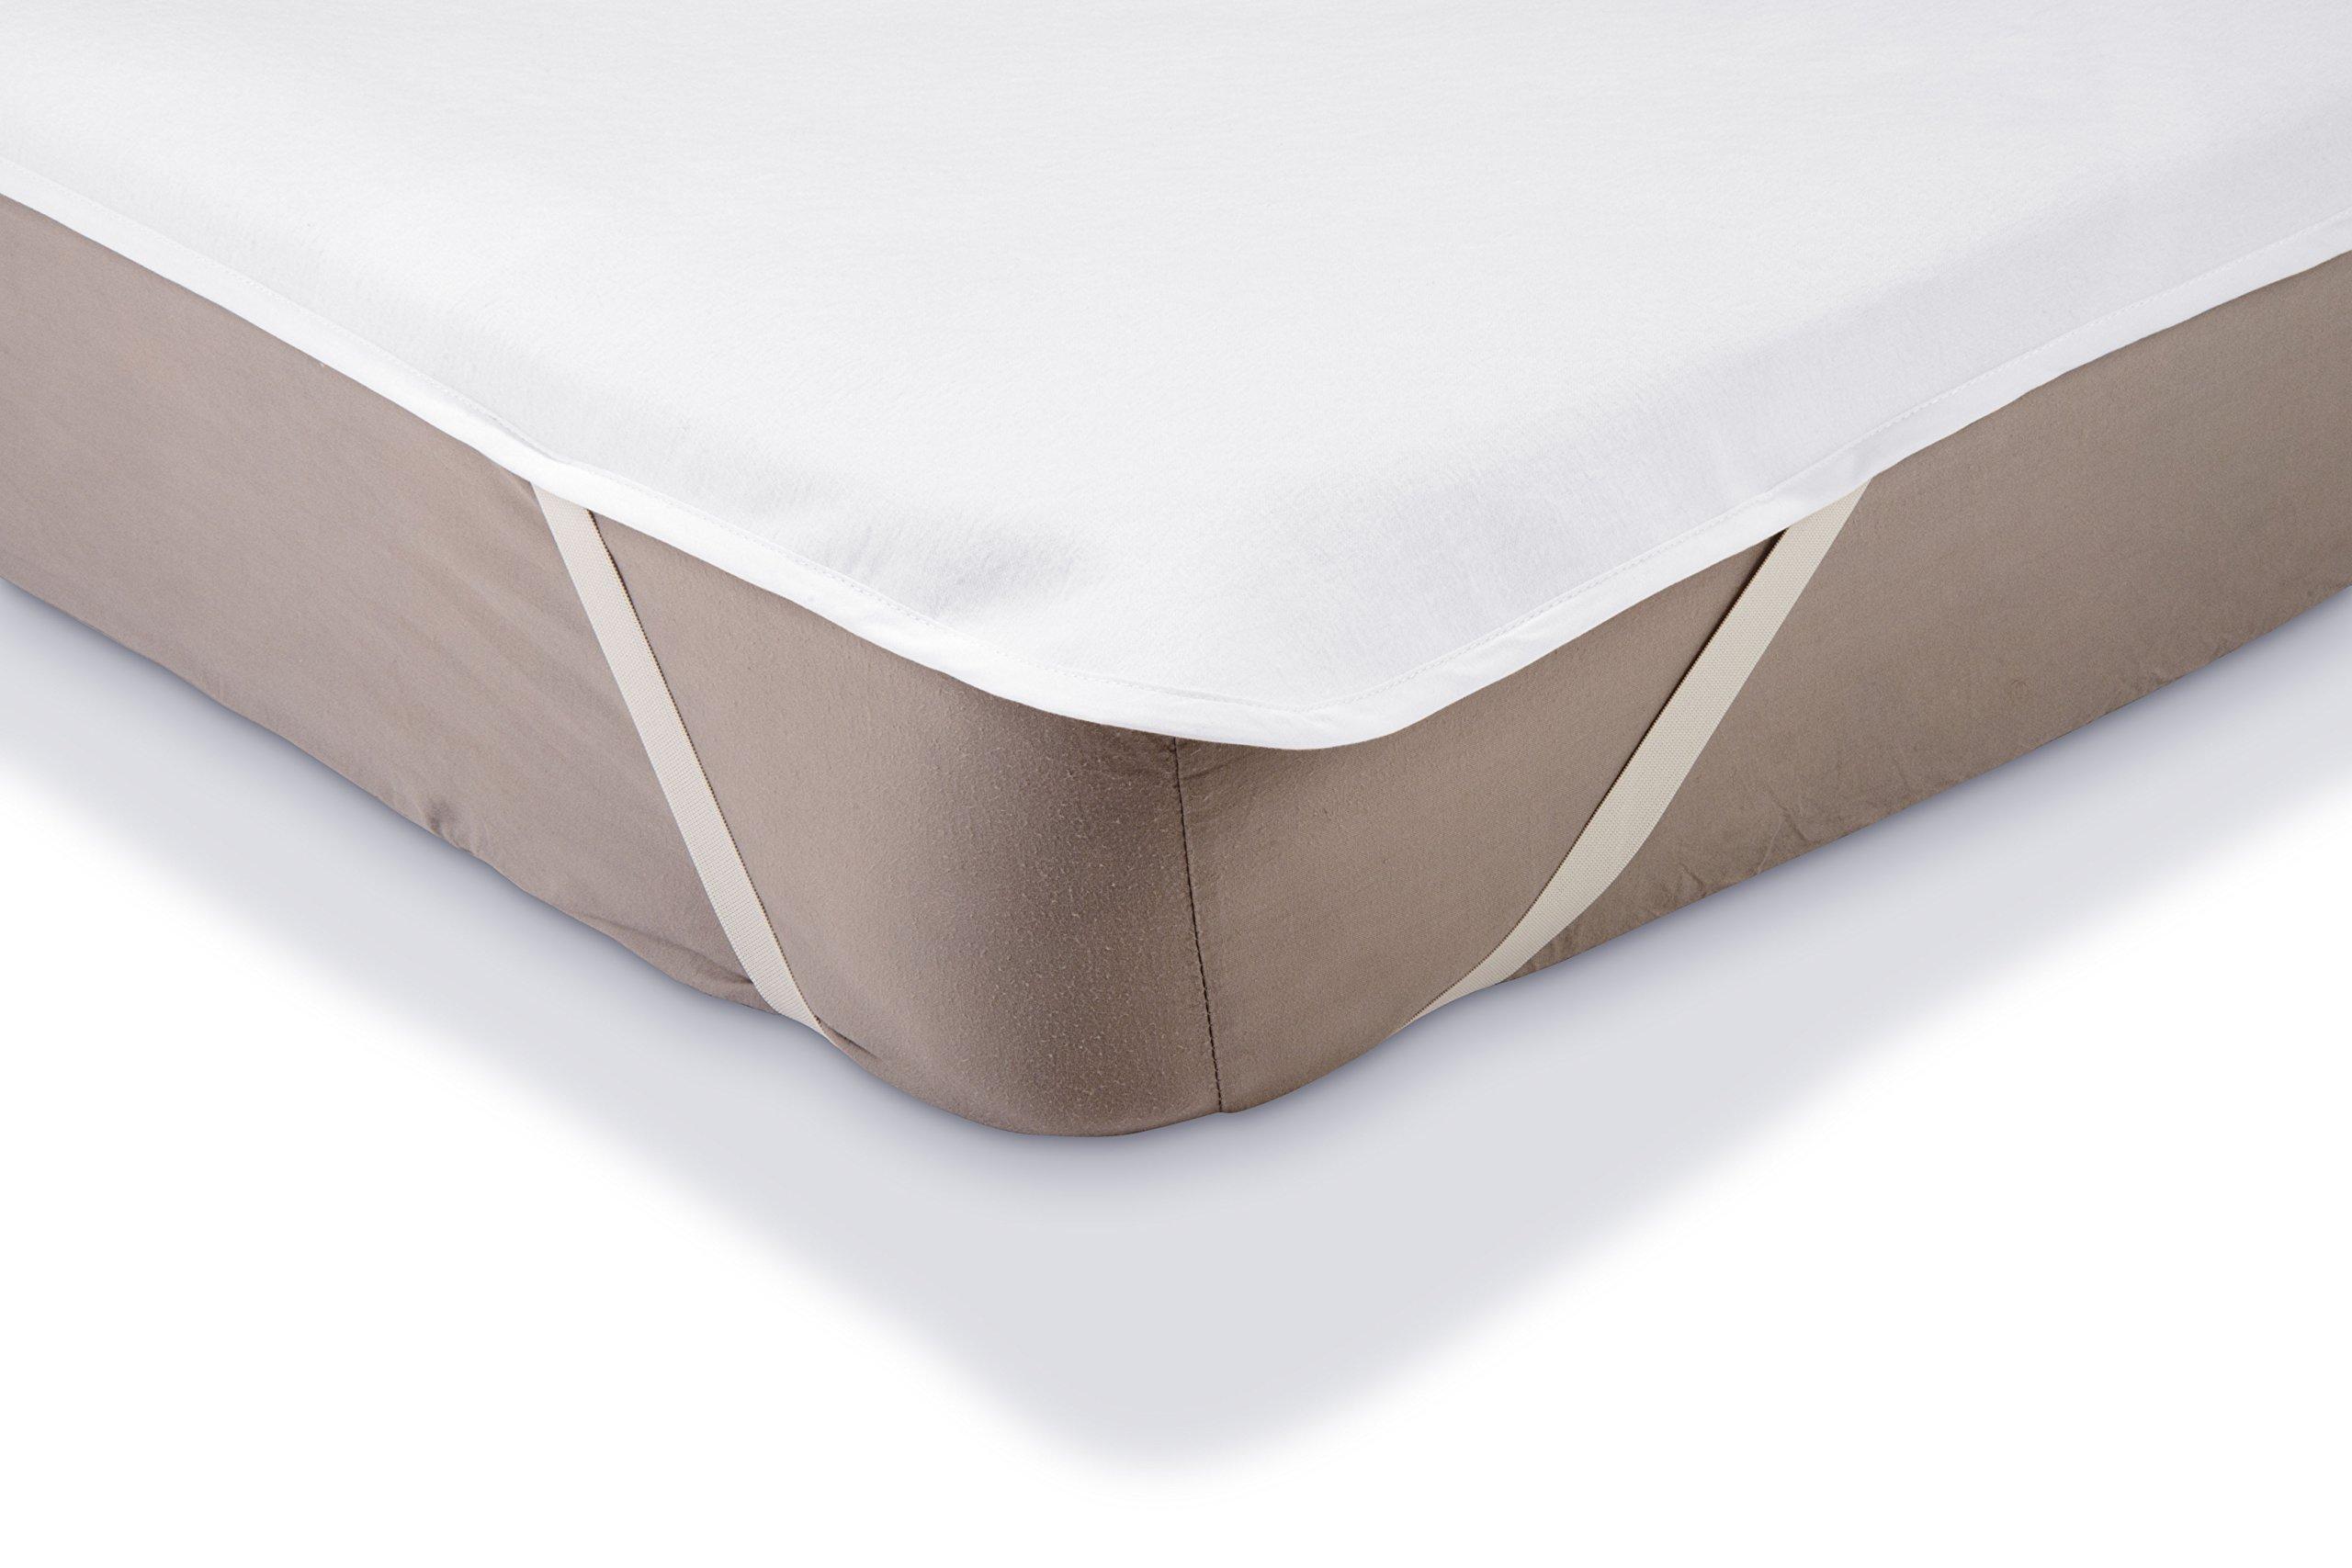 Coprimaterasso Impermeabile Letto Singolo.Amazonbasics Coprimaterasso Impermeabile In Molton Per Letto Singolo 90 X 200 Cm Bianco Casame